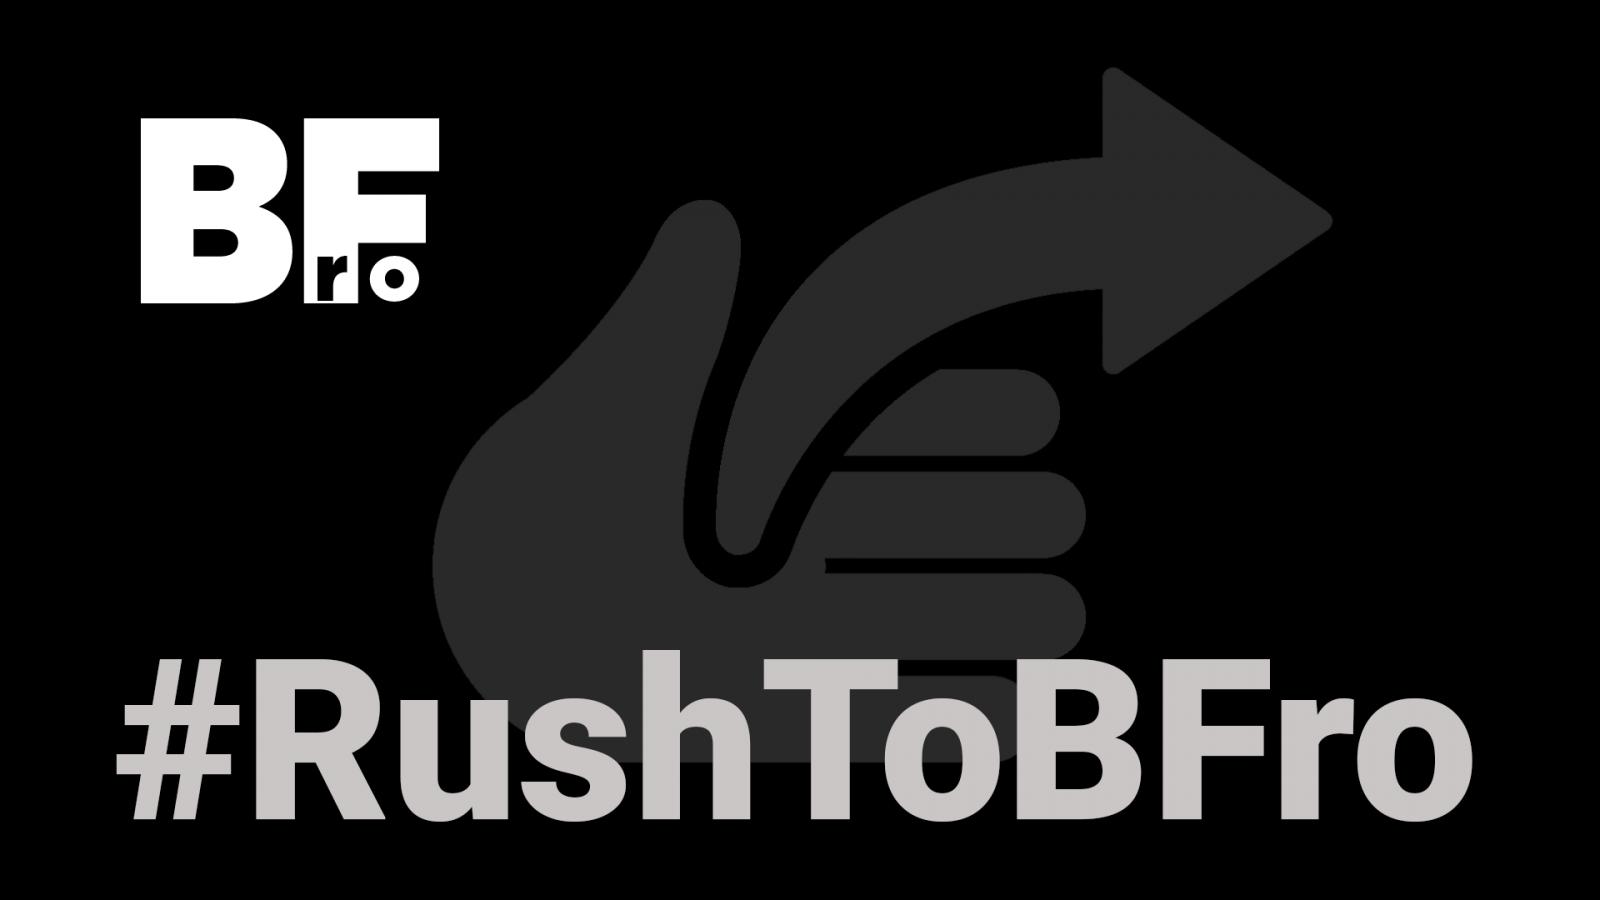 Rush to BF.ro